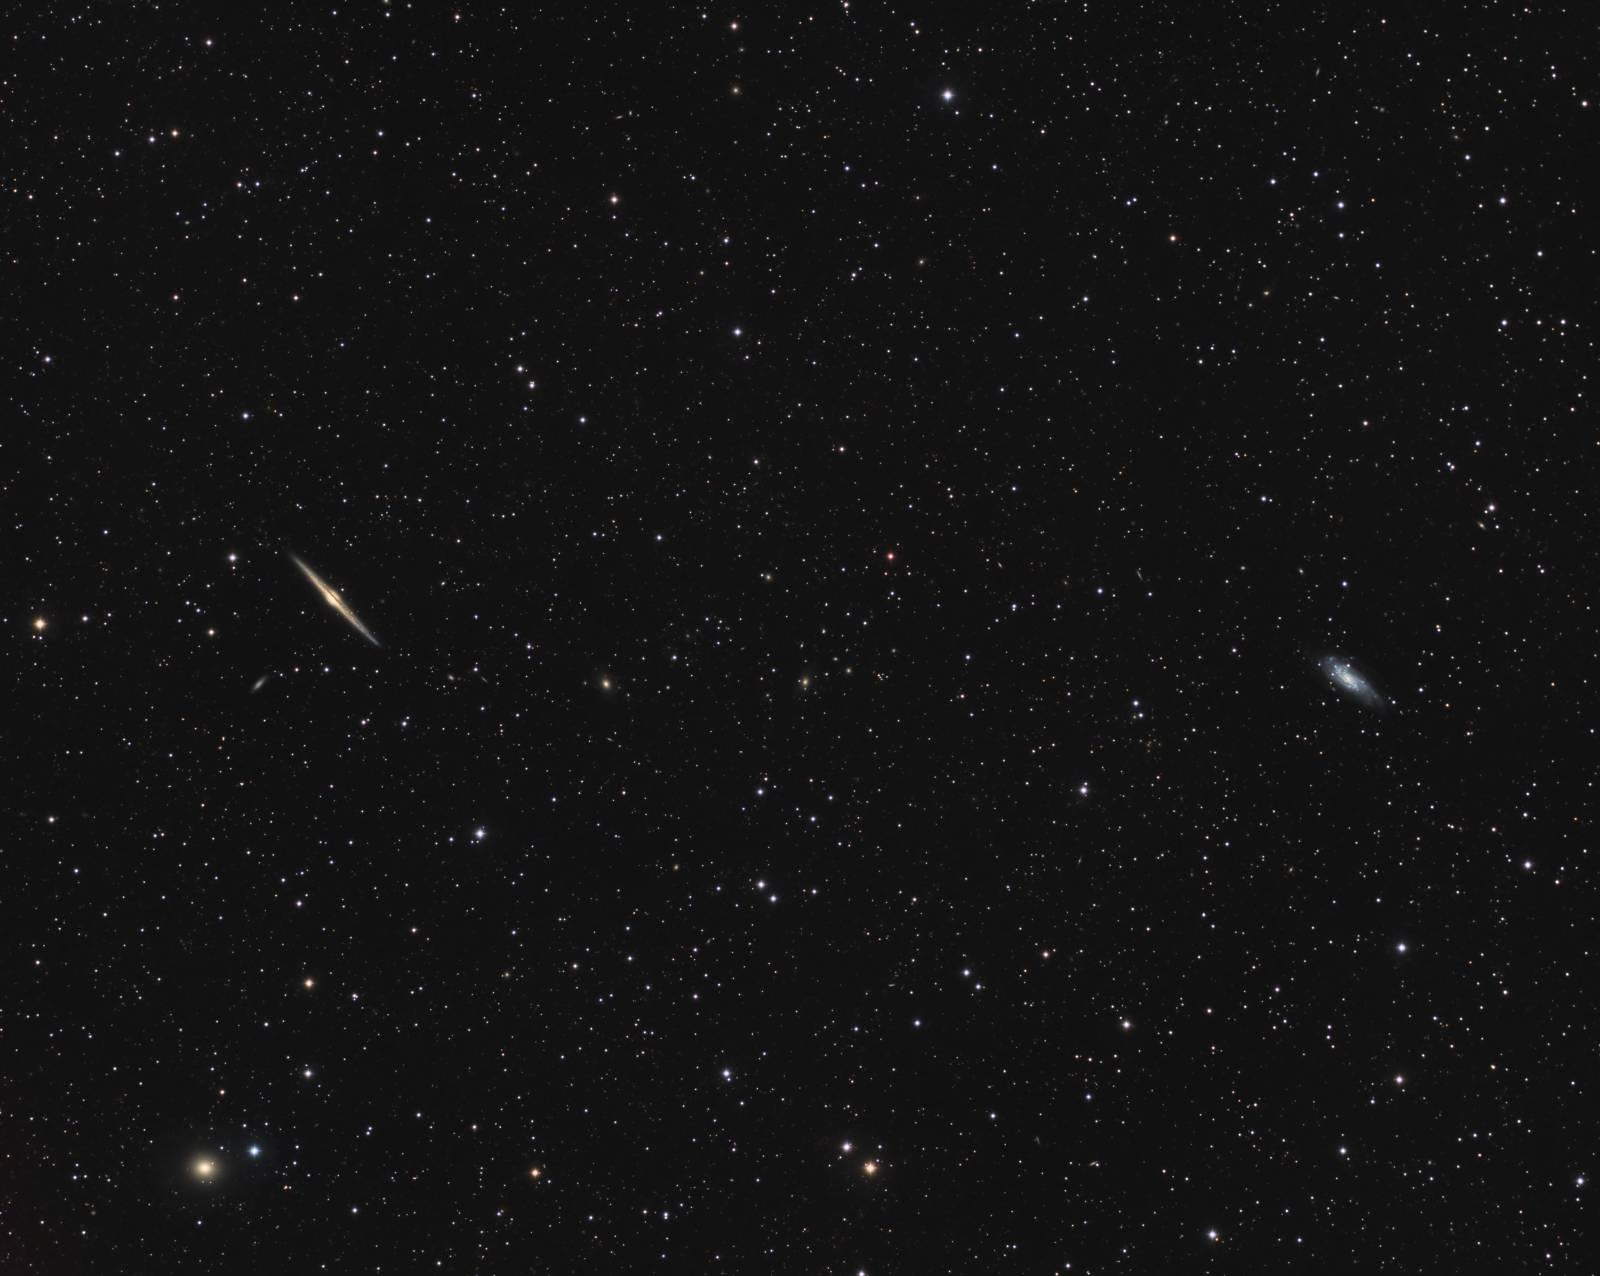 NGC 4565 (left) and NGC 4559